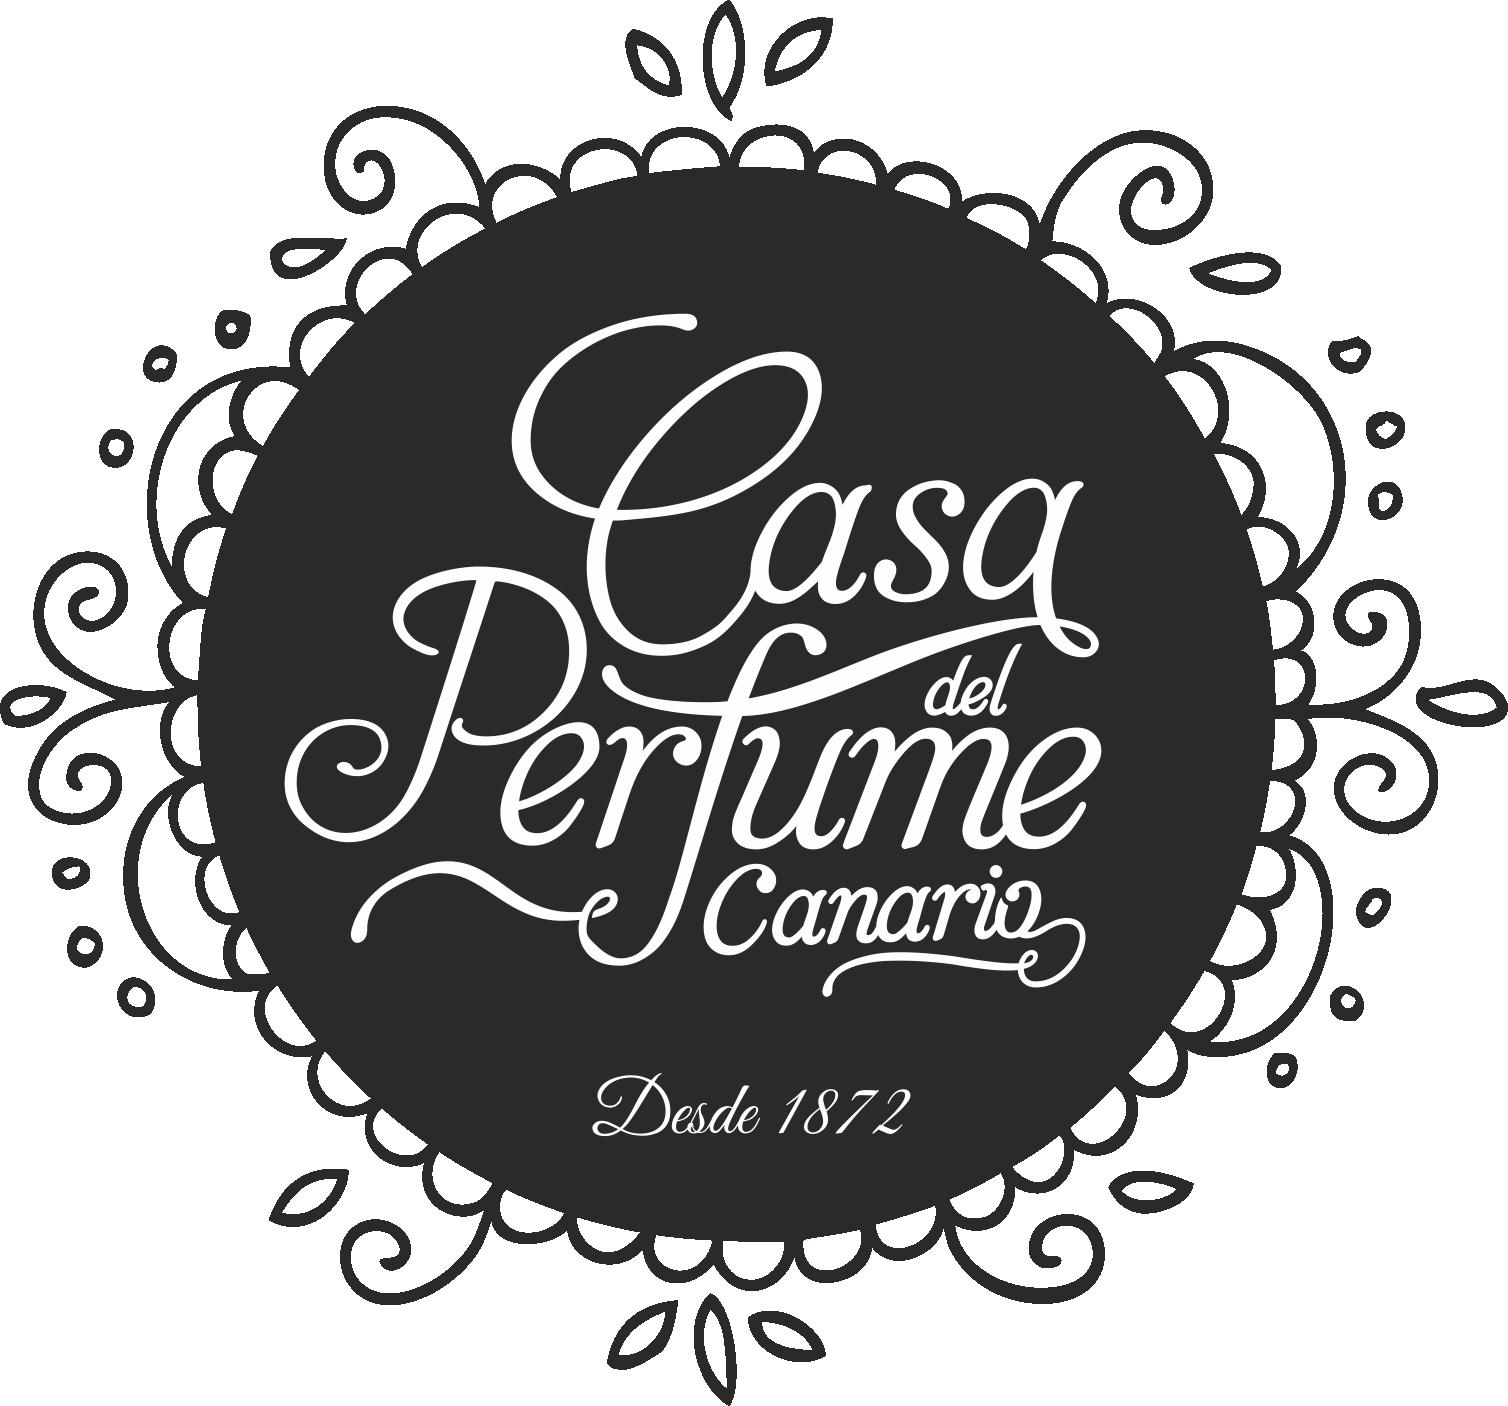 Perfumes de Formulación Artesanal Canaria